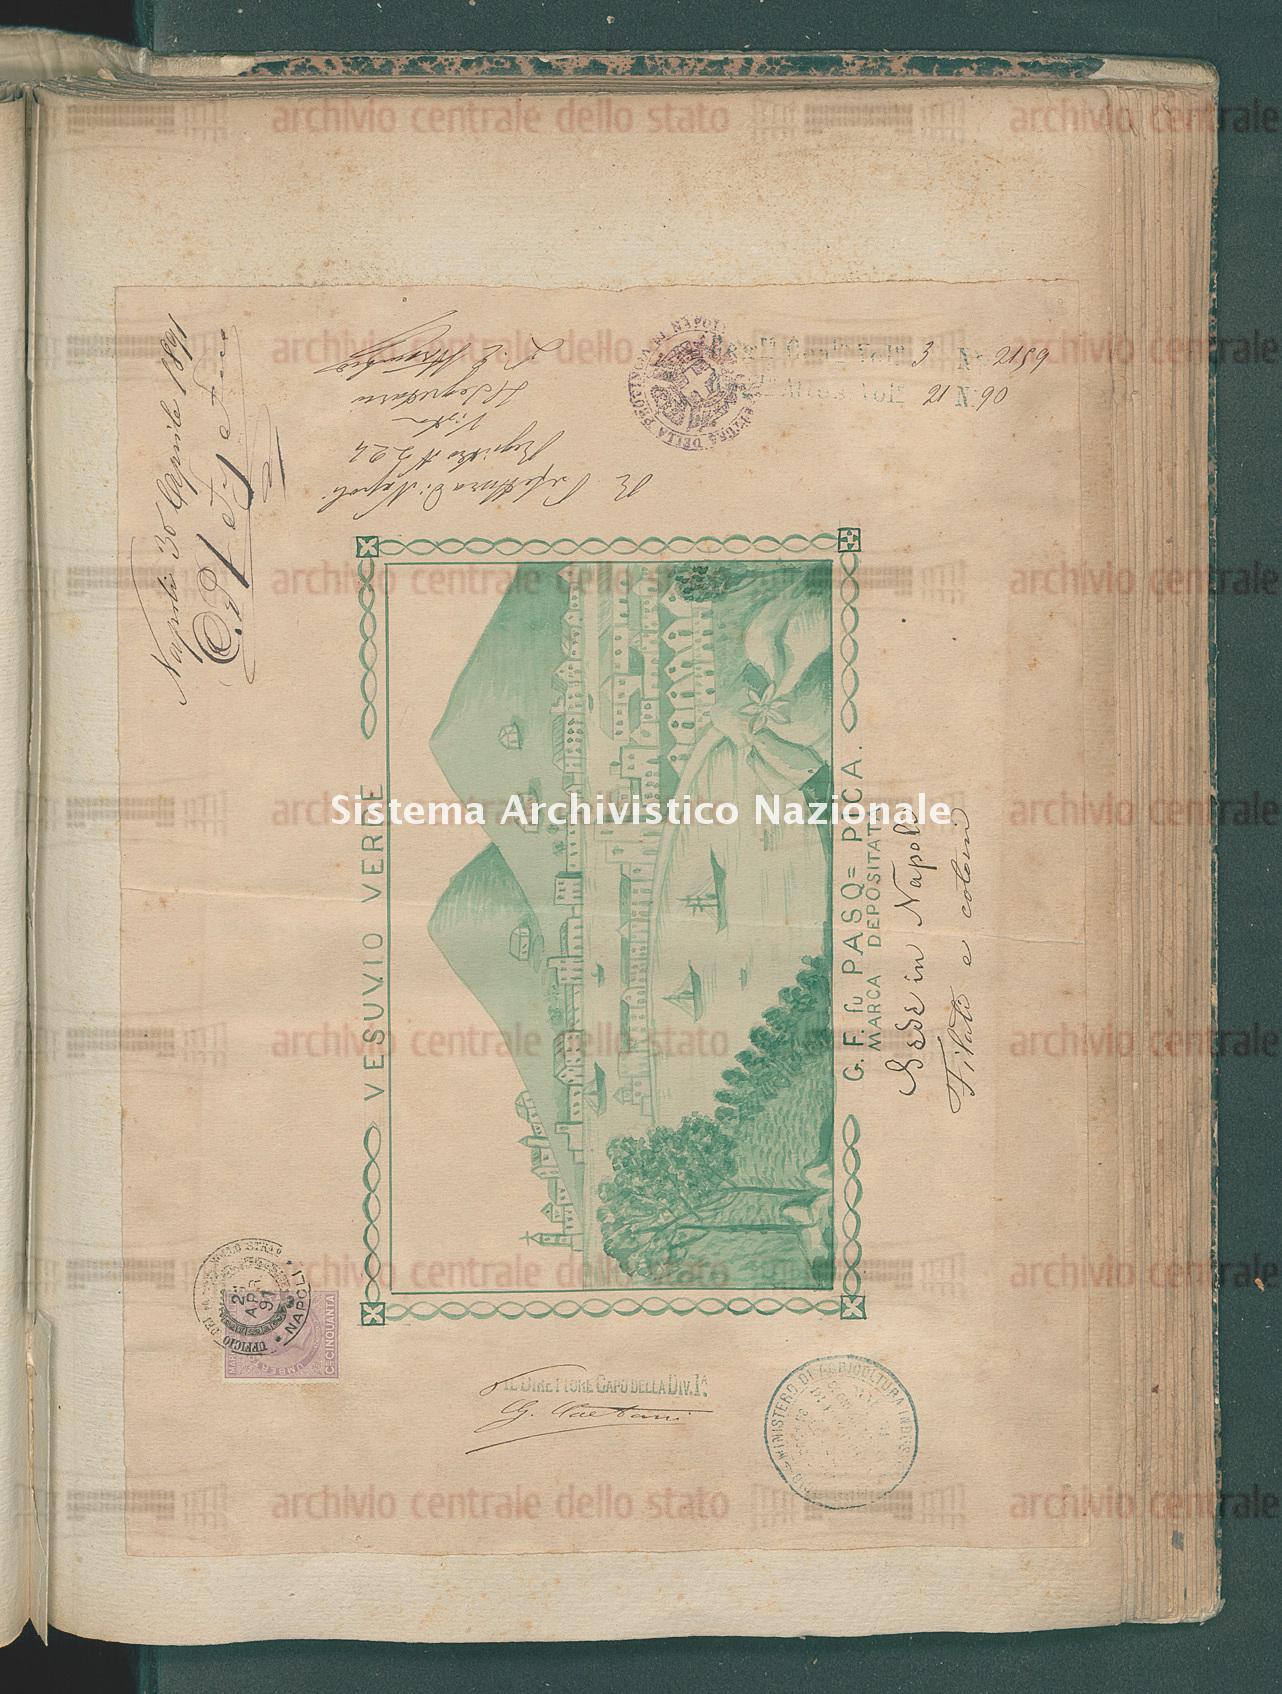 Attestato di trascrizione per marchio di commercio: Filati di cotone Ditta G.F. Fu Pasquale Pica (12/09/1891)